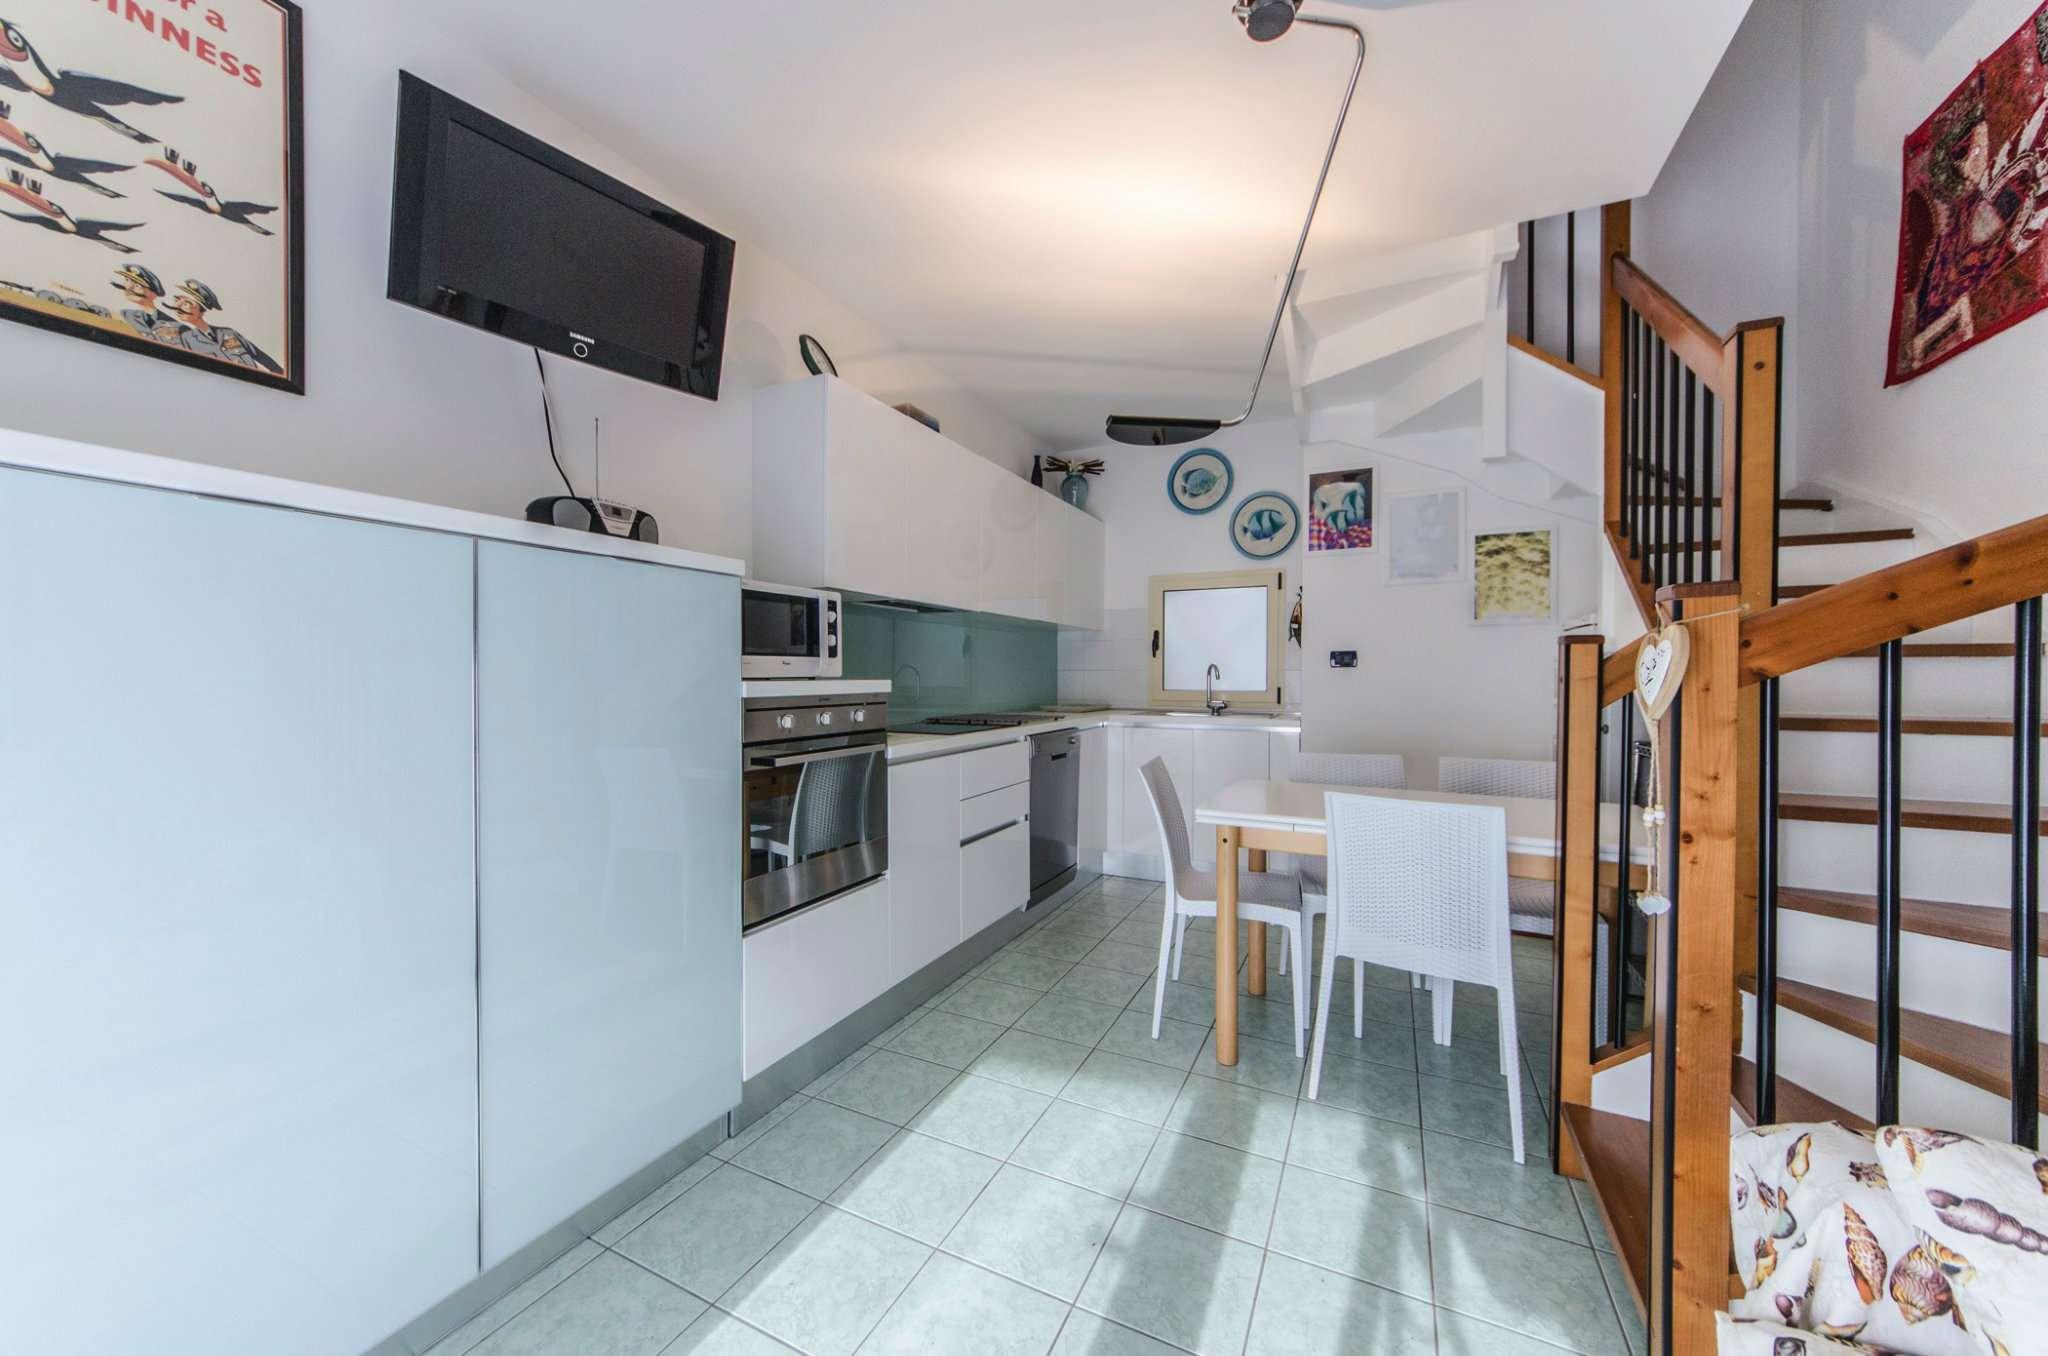 Appartamento in vendita a Caorle, 2 locali, prezzo € 165.000 | Cambio Casa.it